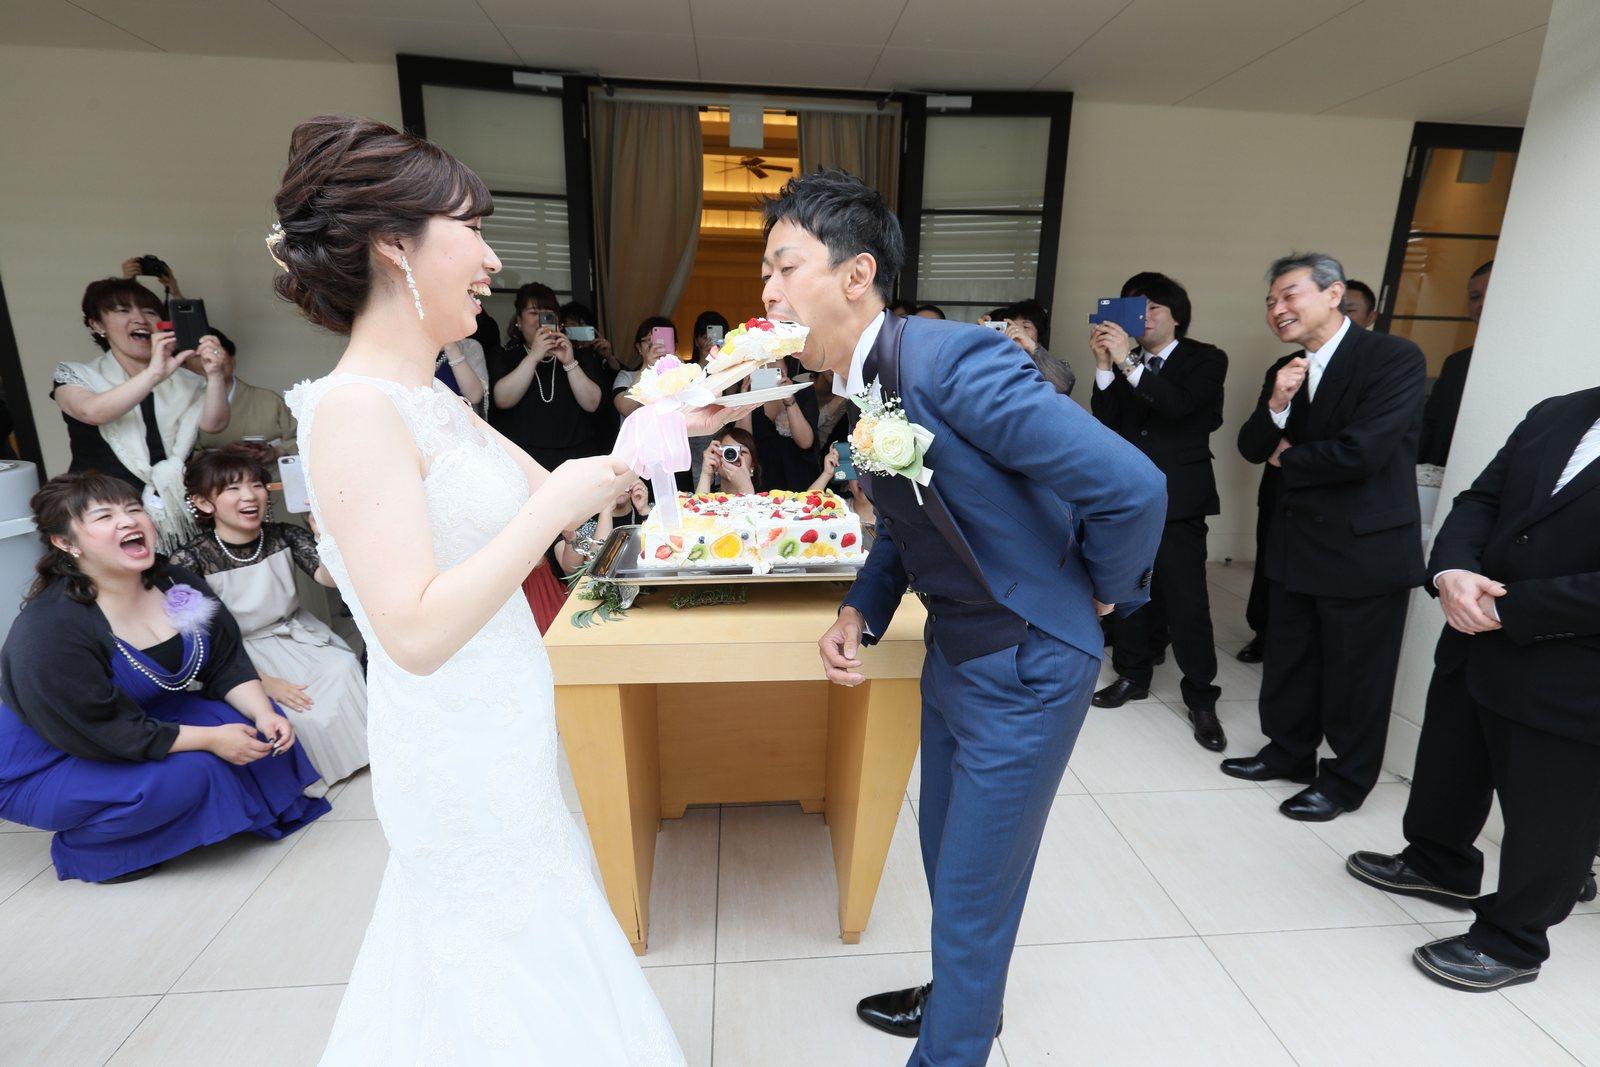 高松市の結婚式場アイルバレクラブのウェディングケーキ 新郎様の大きなファーストバイトに皆様もニッコリ